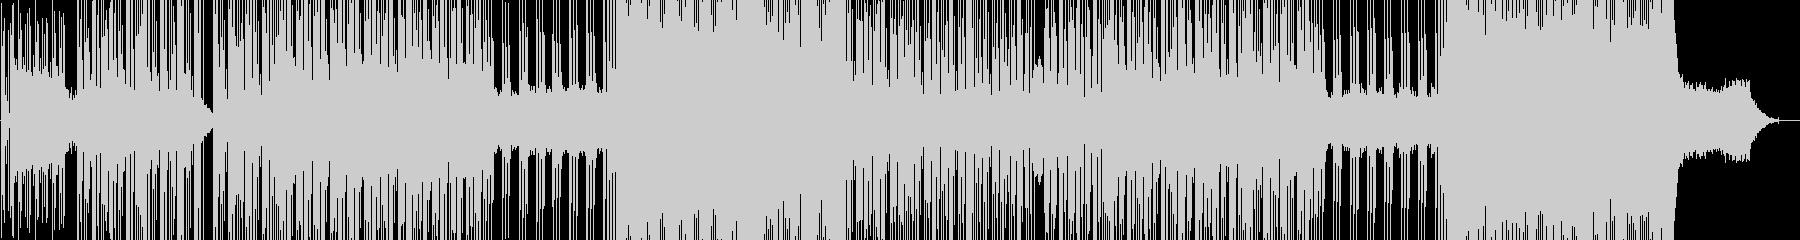 リズム対応と高速シンセアルペジオは...の未再生の波形